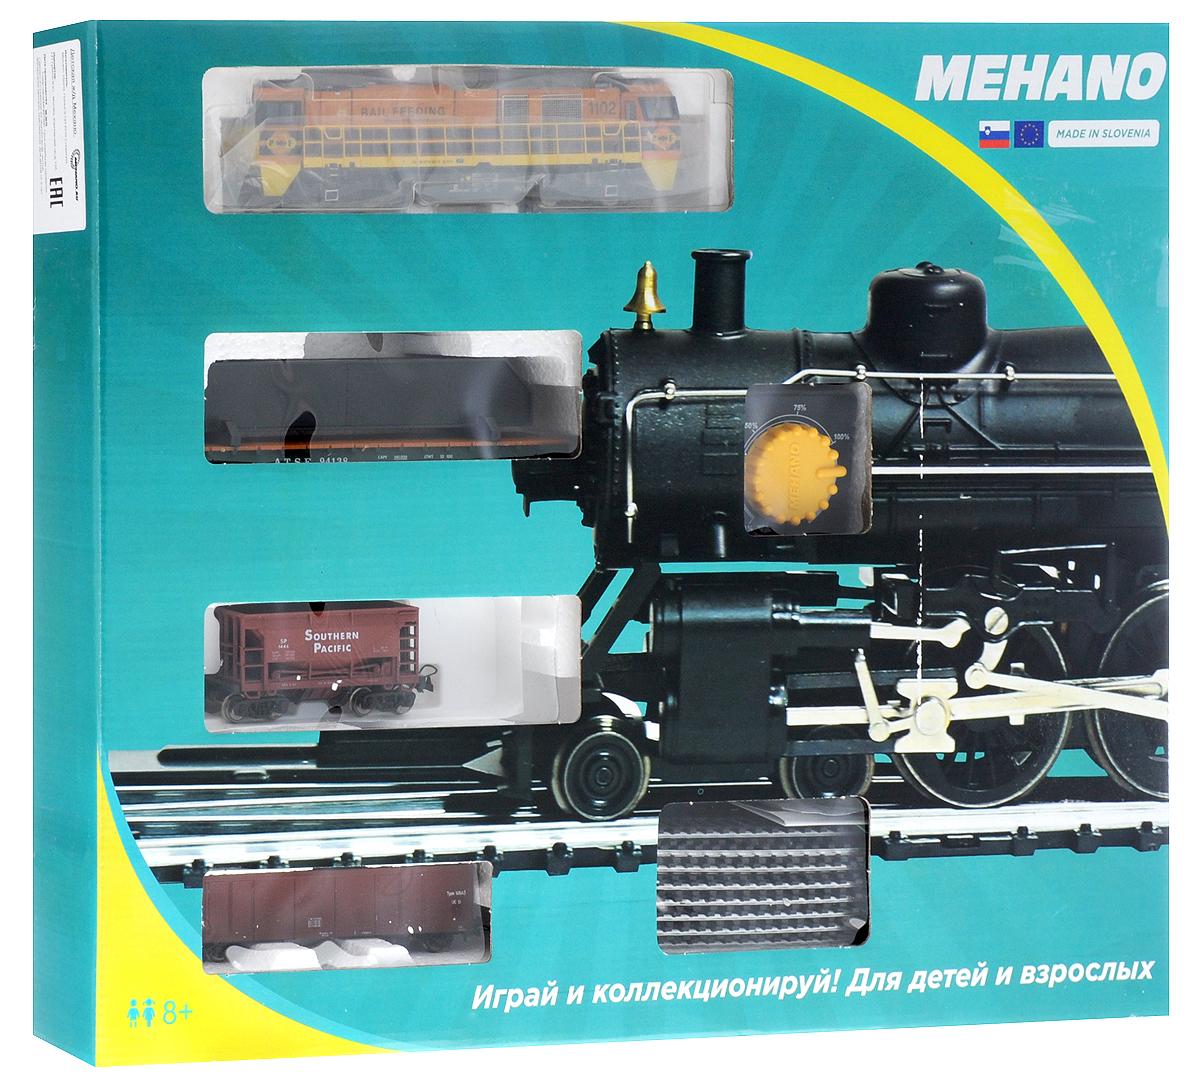 Mehano Железная дорога Prestige с тепловозом Rail FeedingPR02-275Железная дорога Mehano - миниатюрная копия грузового состава. Мельчайшие детали паровозов, тепловозов и грузовых вагонов, каждая рельефная линия экстерьера тщательно проработаны, благодаря чему состав выглядит более чем реально. Можно вообразить, как этот состав загрузили где-то на миниатюрном перевалочном пункте, а затем он аккуратно вез свой груз по длинным разветвленным путям… Воплотить воображаемое в действительность очень легко: при желании железнодорожное полотно можно увеличить и добавить элементы ландшафта, ведь все элементы железных дорог Mehano совместимы друг с другом. При желании, можно докупить стрелку, перекресток и состав может двигаться на другие участки железной дороги. Рельсы металлические, колеса паровозов и вагонов выполнены из металла. Все элементы комплекта совместимы с другими сборными моделями железной дороги Mehano, так что юный машинист сможет прокладывать различные маршруты, строить новые станции и придумывать неповторимый, свой собственный...